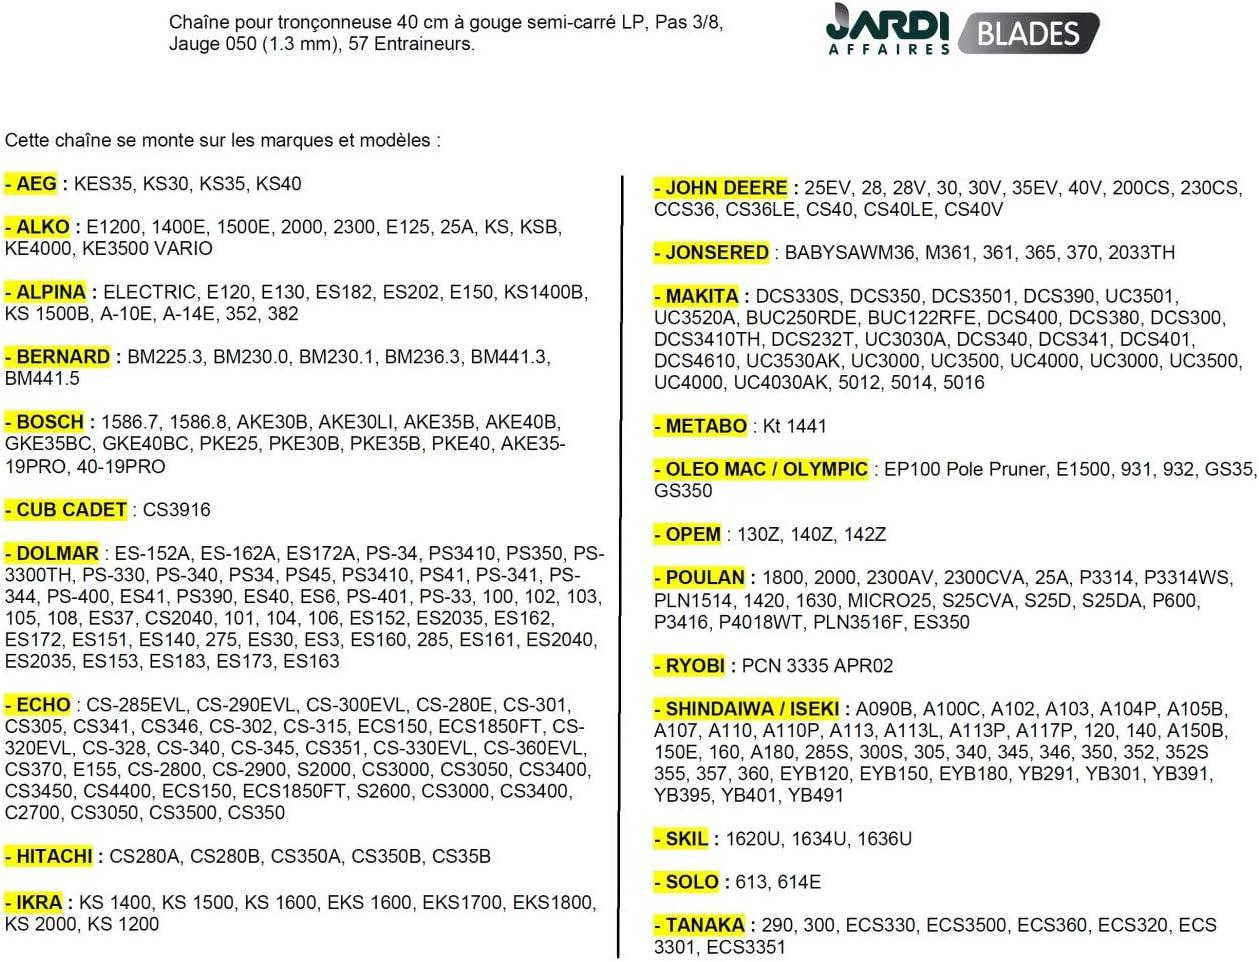 """30cm 2 x chaîne de tronçonneuse pour dolmar PS-340 PS-341 PS-344 PS-400 PS-401 12 /"""""""